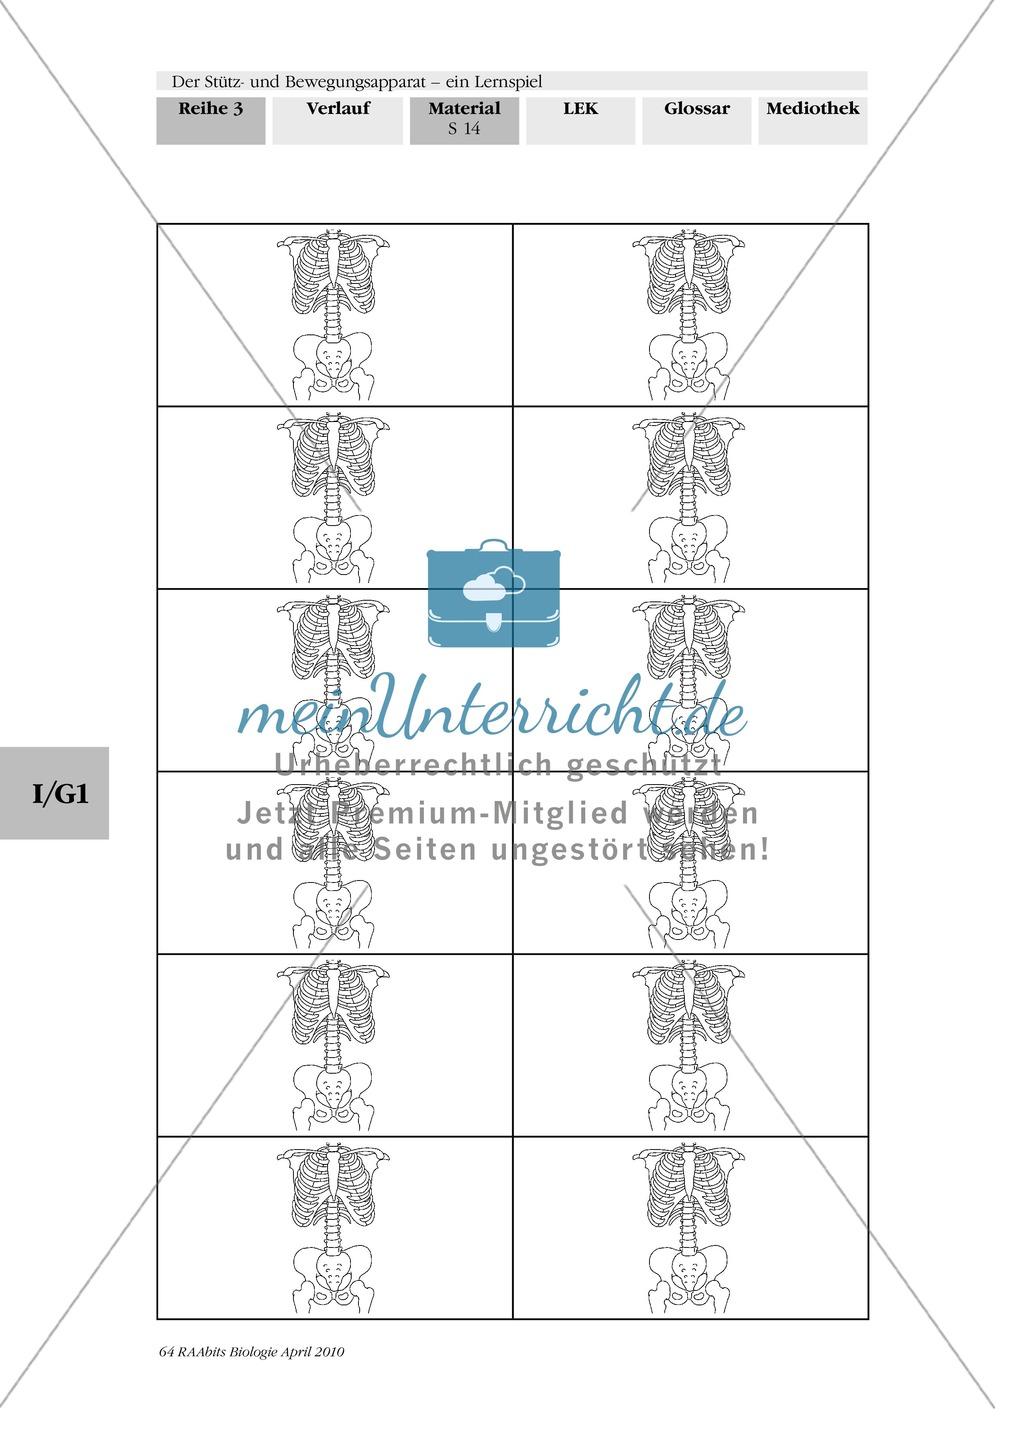 Lernspiel zum Stütz- und Bewegungsapparat: Spielanleitung, Spielfeld, Skelett-Puzzleteile, Fragen, Spielkarten, Röntgenbilder Kontrollbogen, Lösungsbogen Preview 12